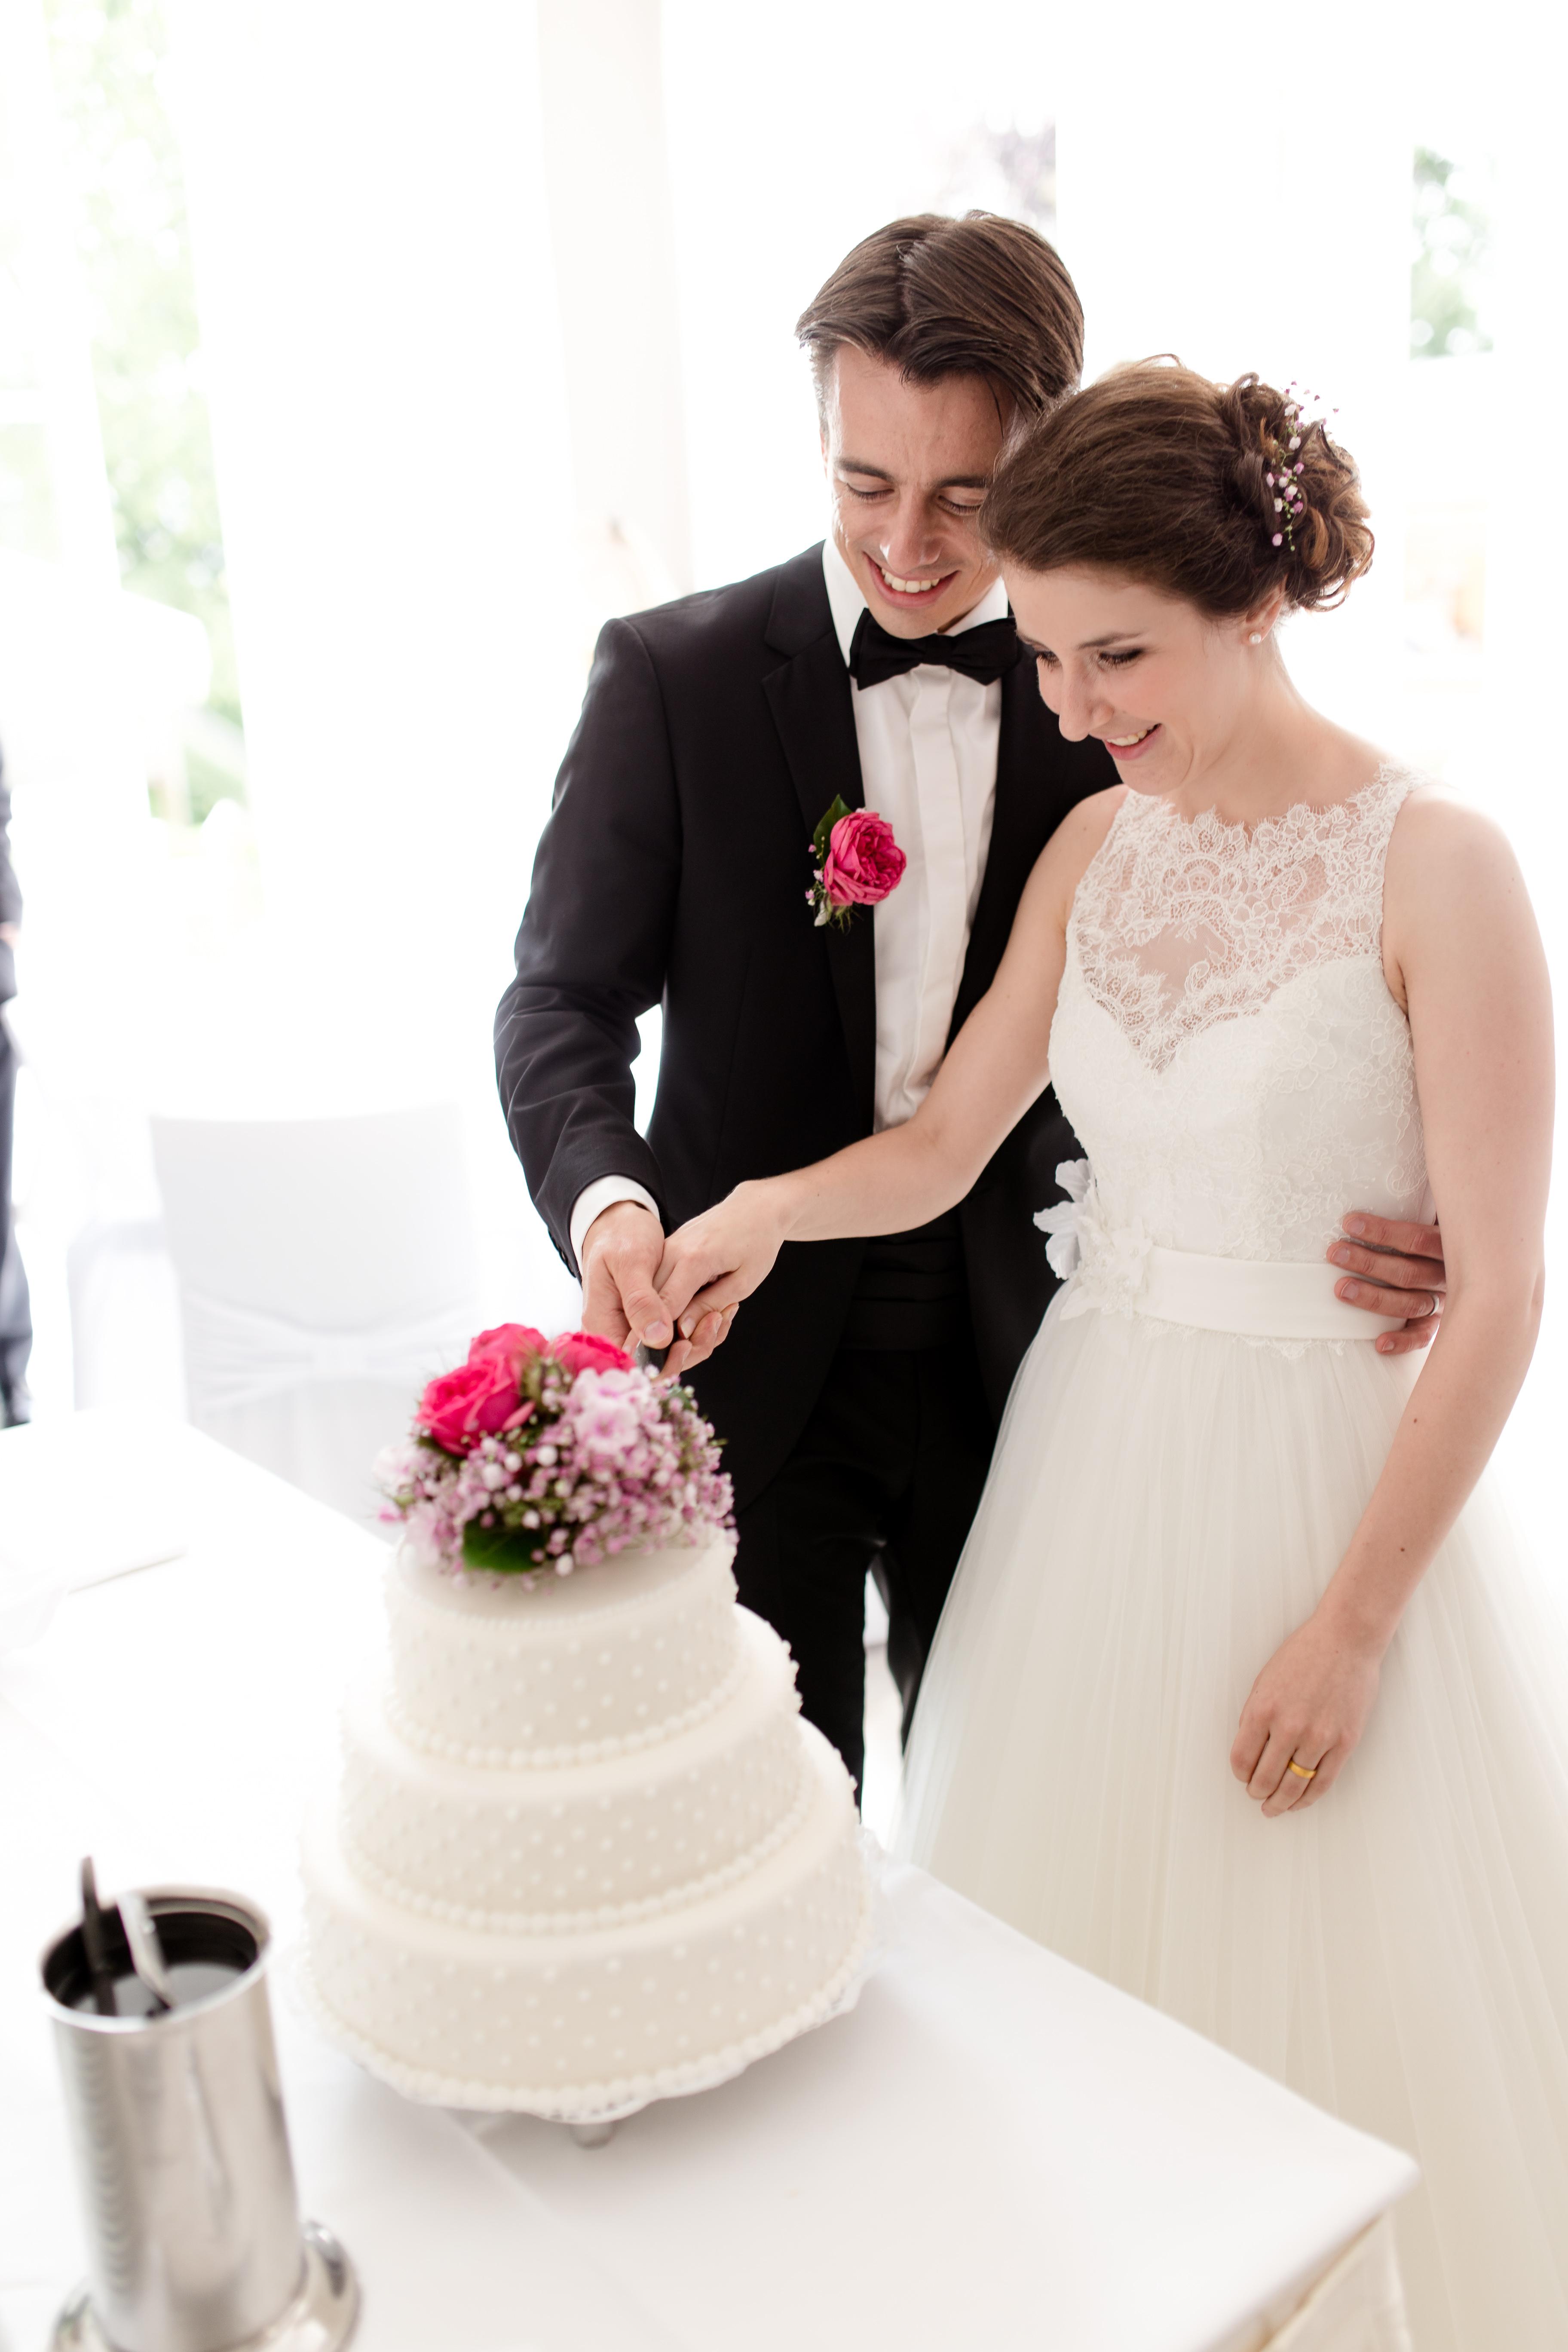 5 Tipps Fur Richtig Schone Hochzeitsfotos Amicella De